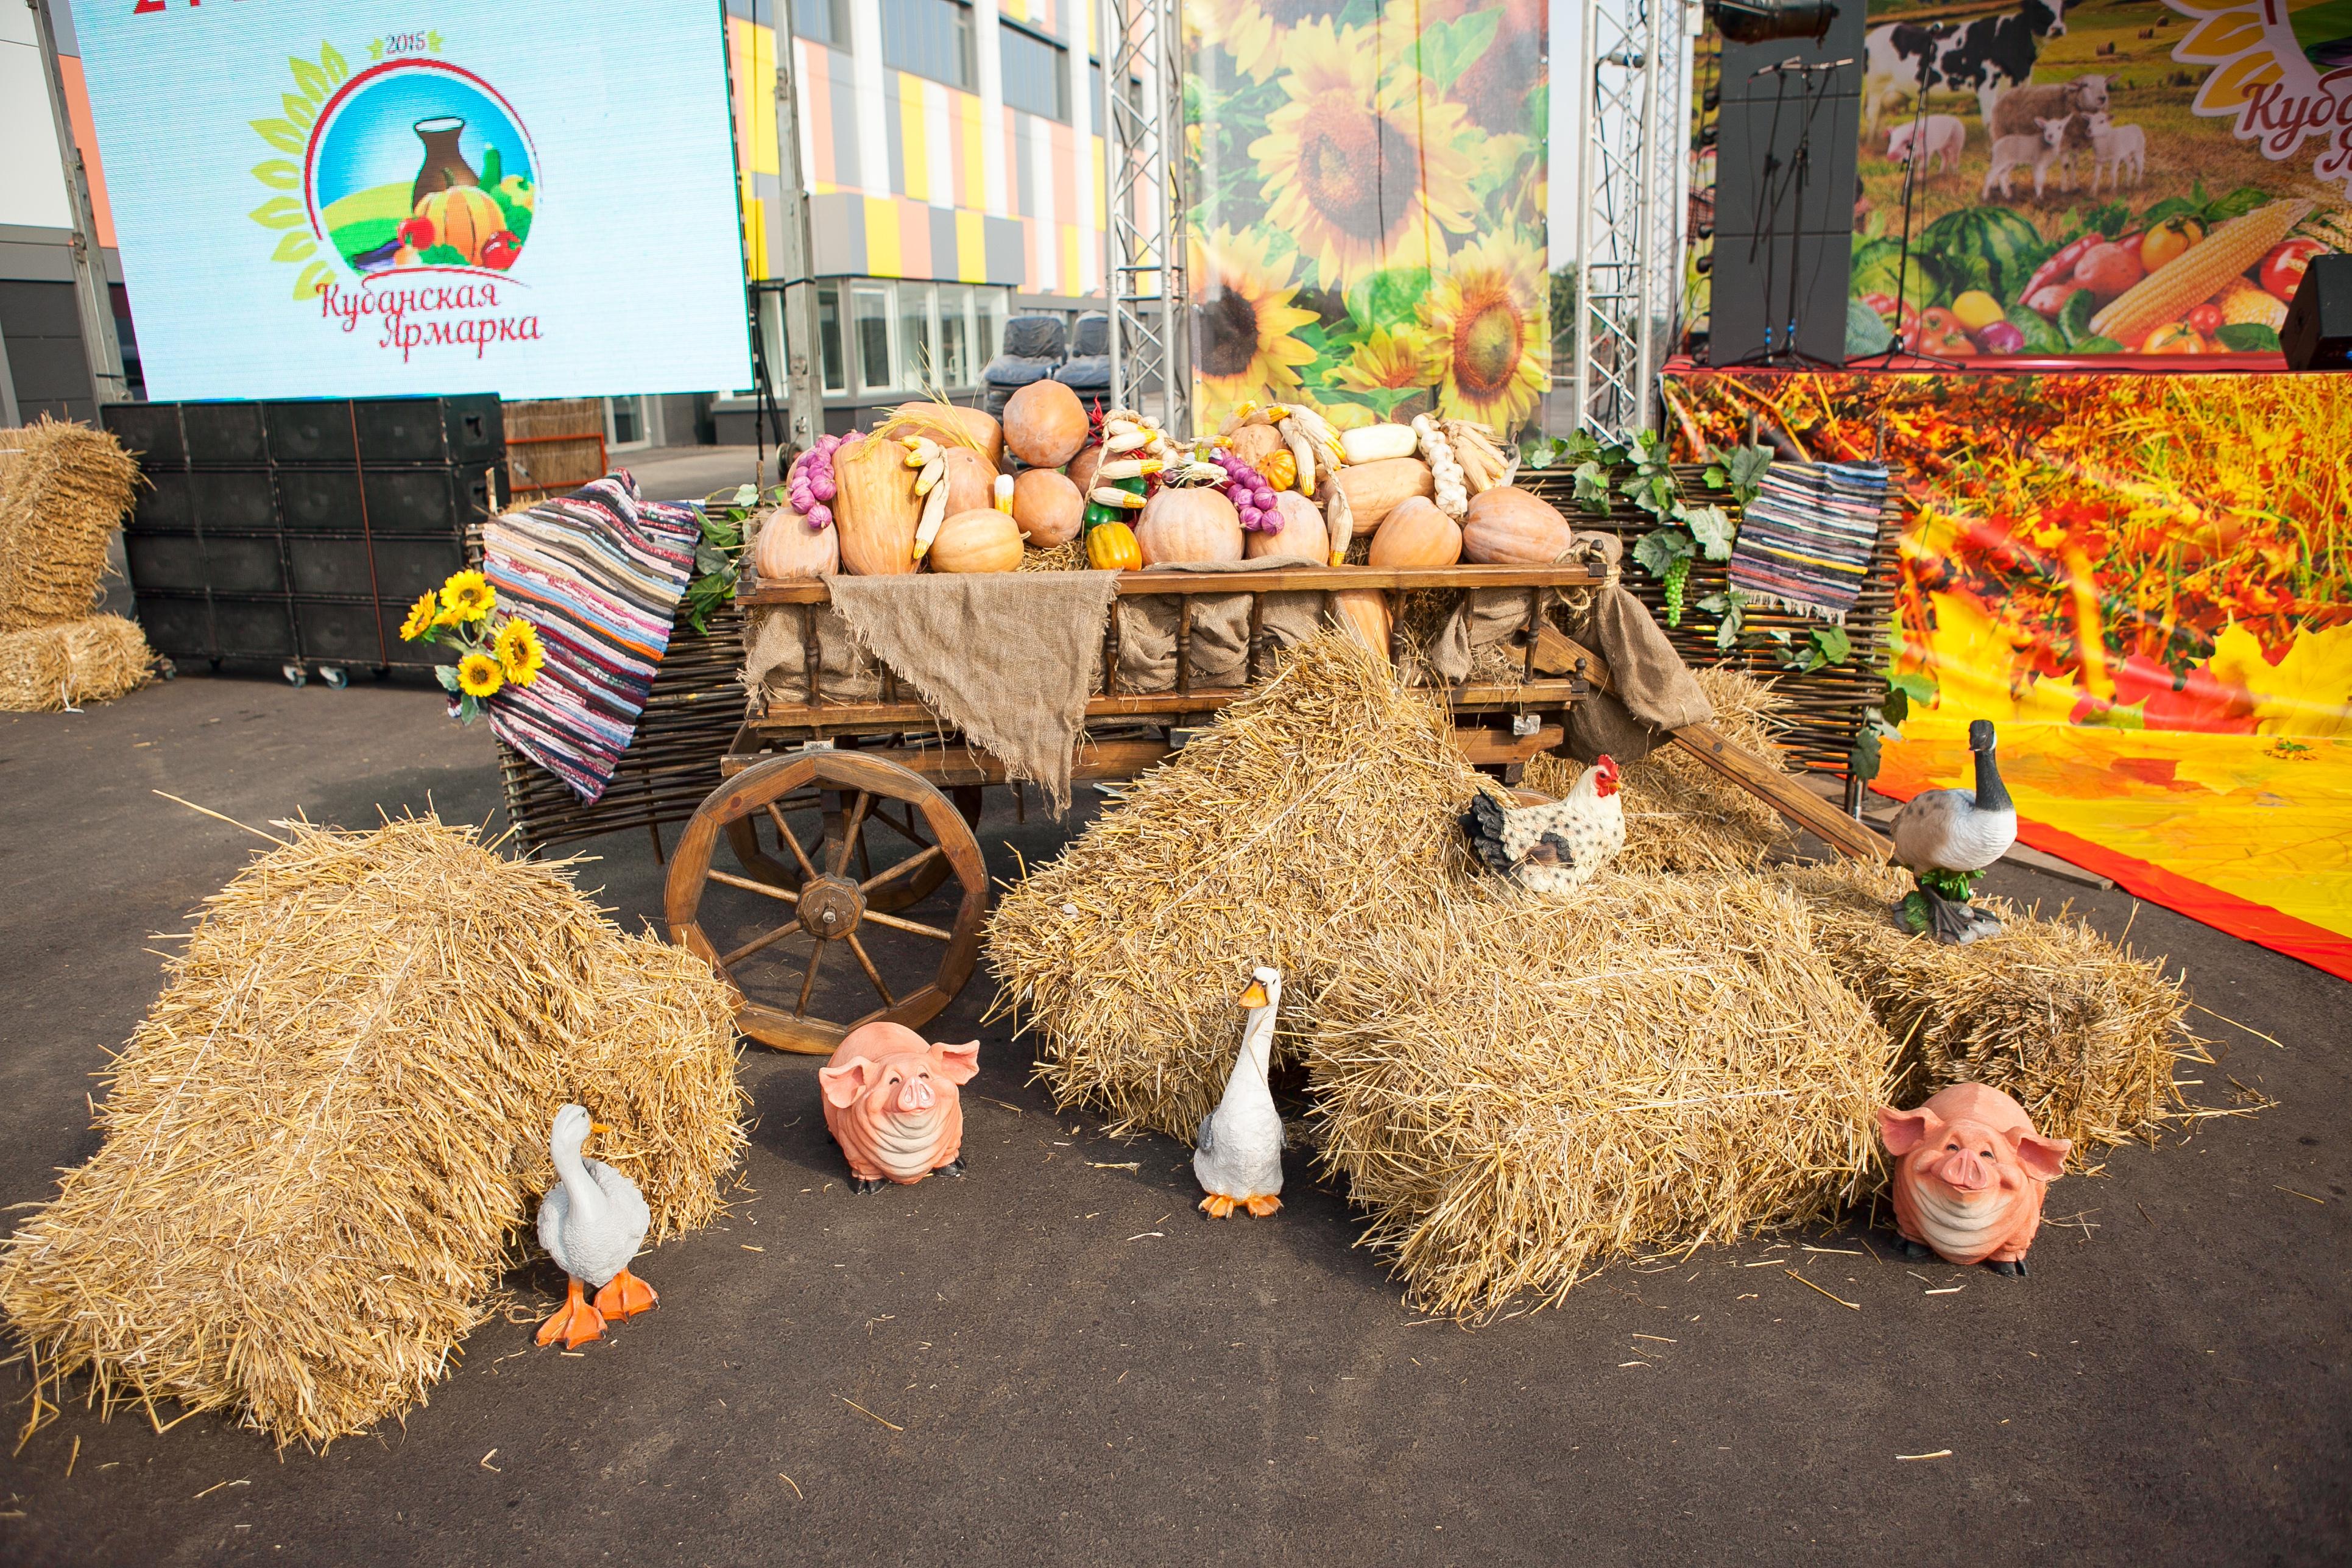 картинка к сельхоз ярмарке впечатление юного кубрика